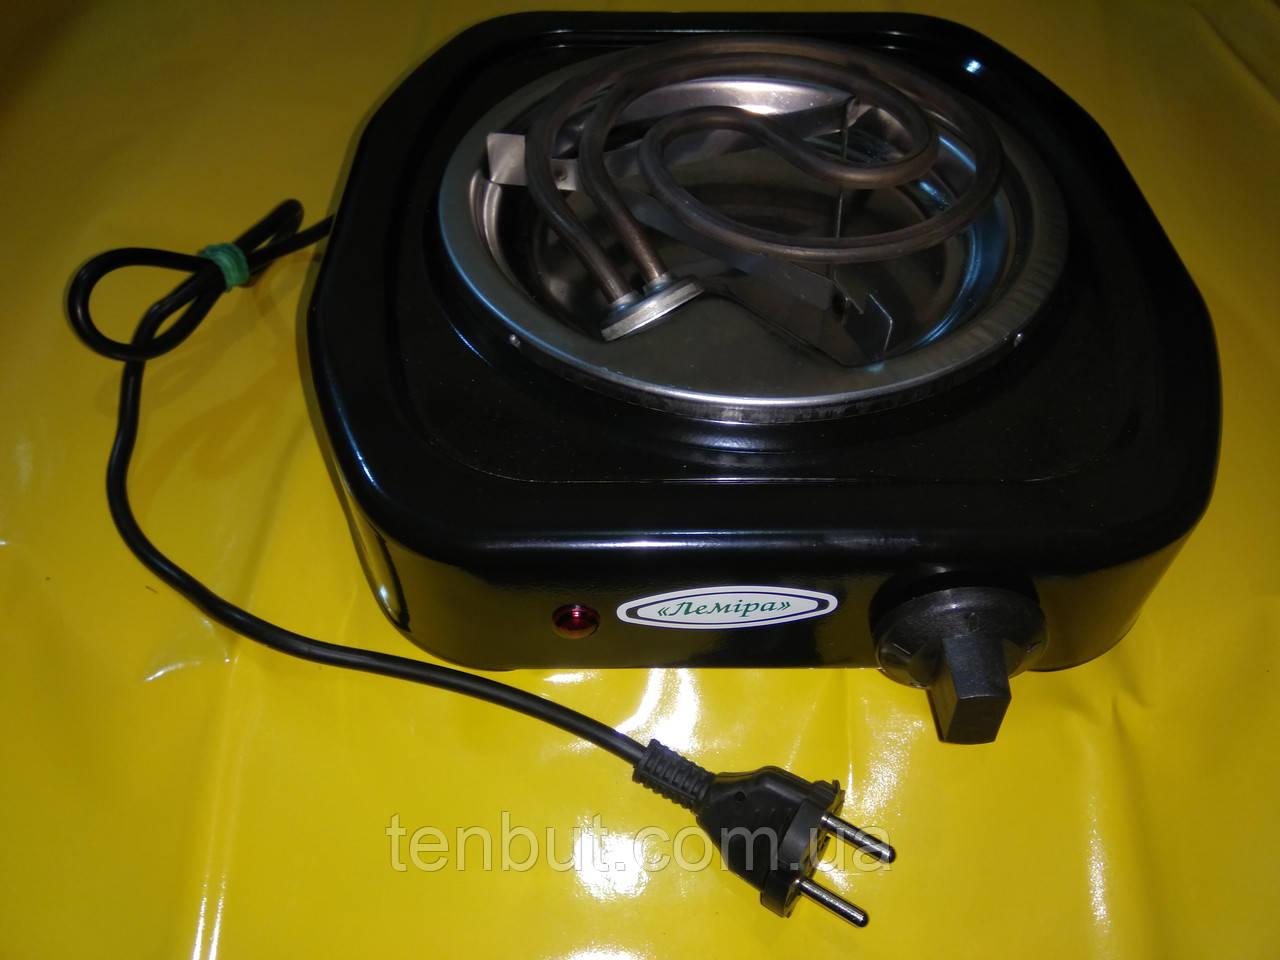 Электроплита Лемира 1-конфорочная 220 В. / 1.0 кВт. настольная узкий тэн .